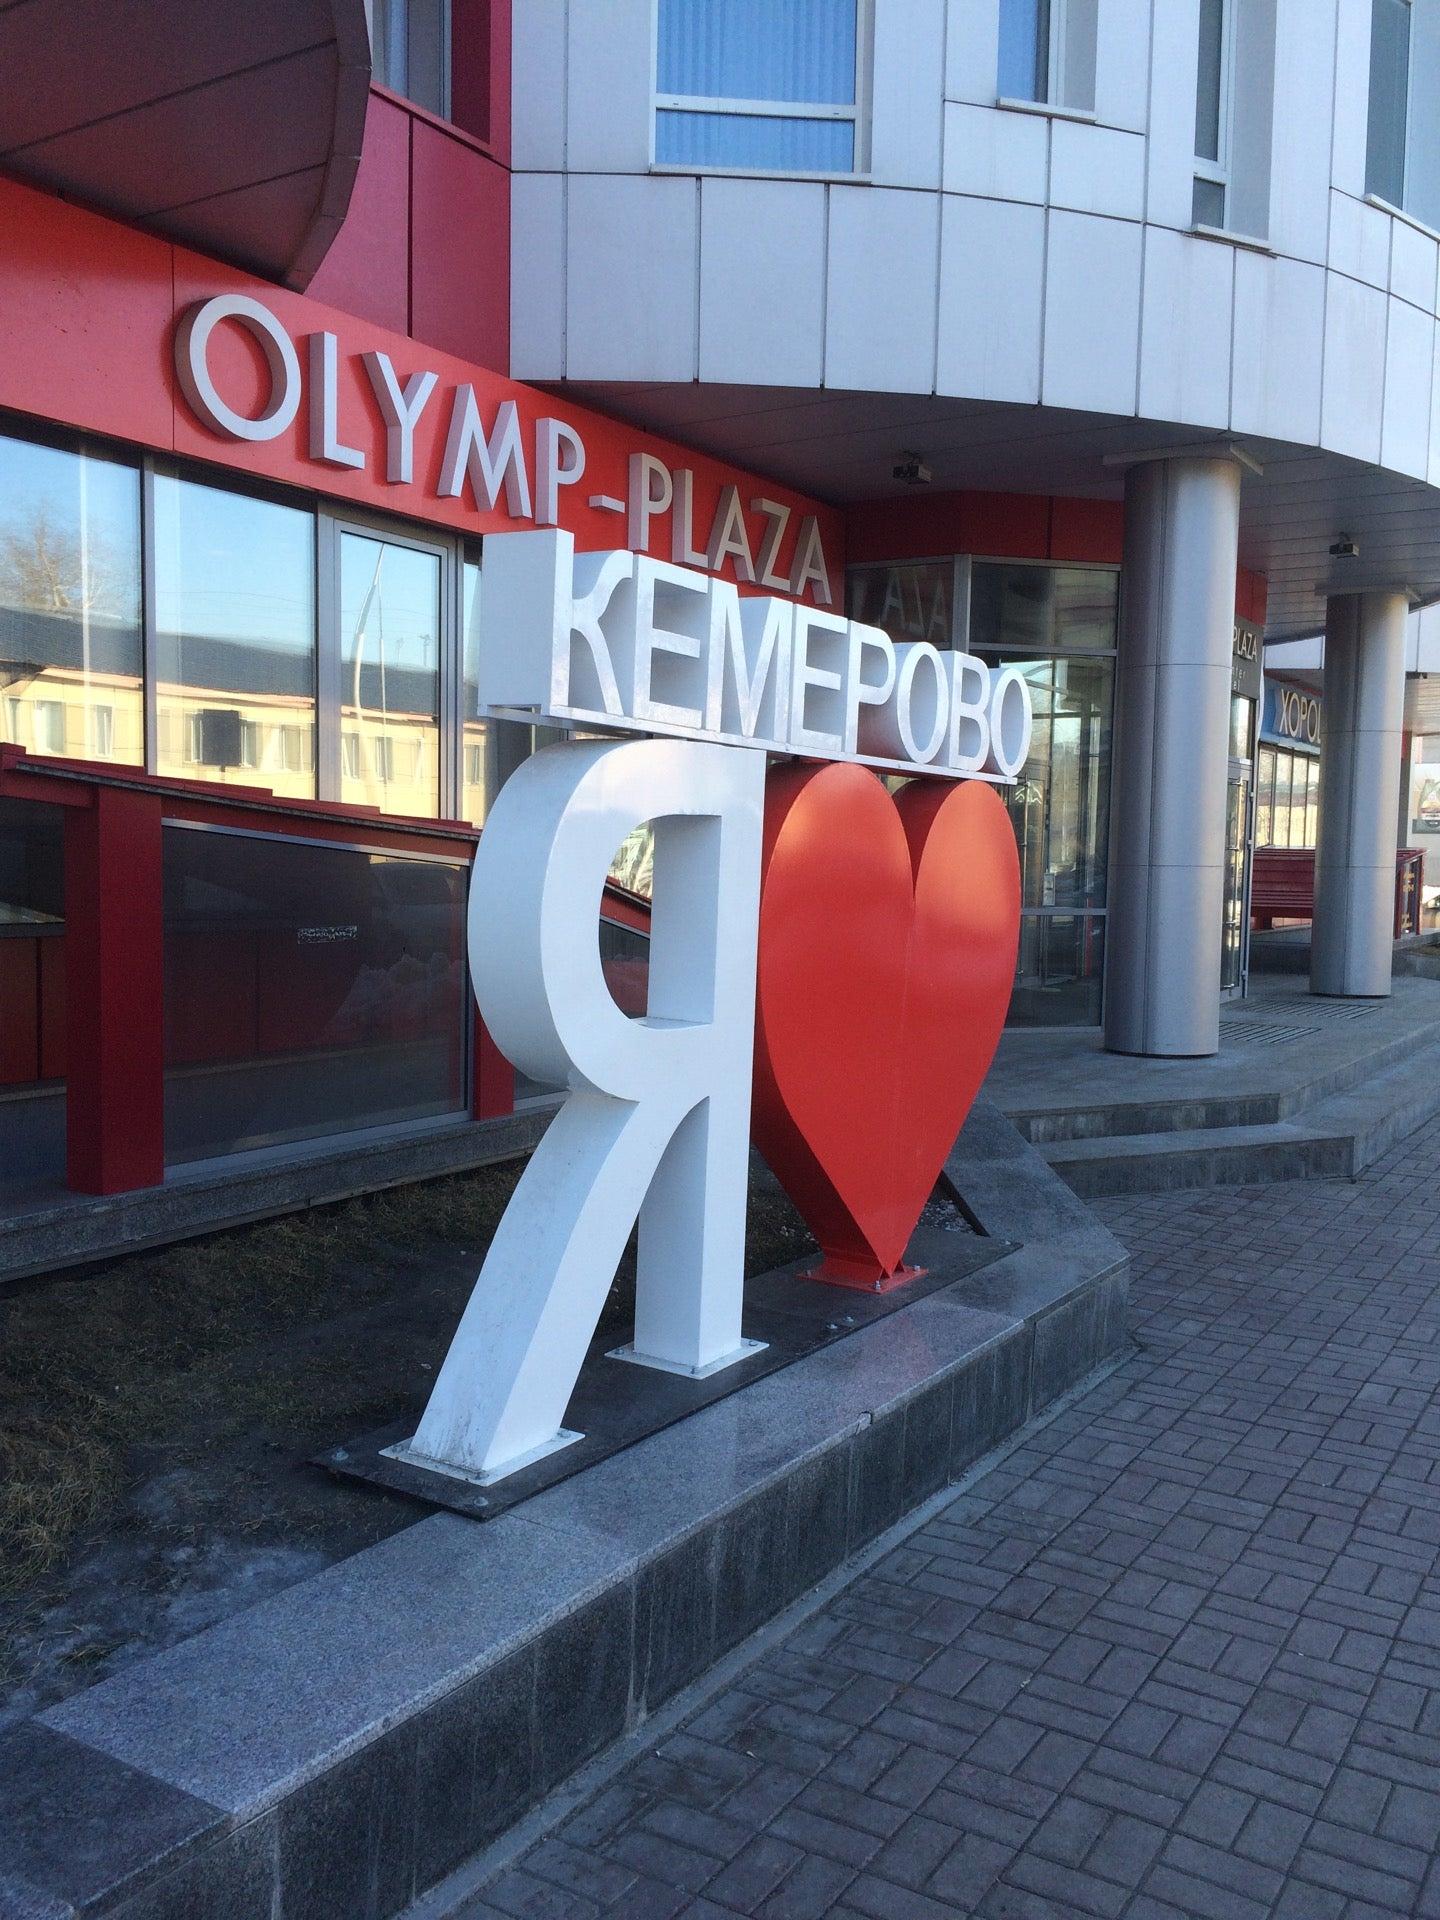 дом олимп фото троицк что должен